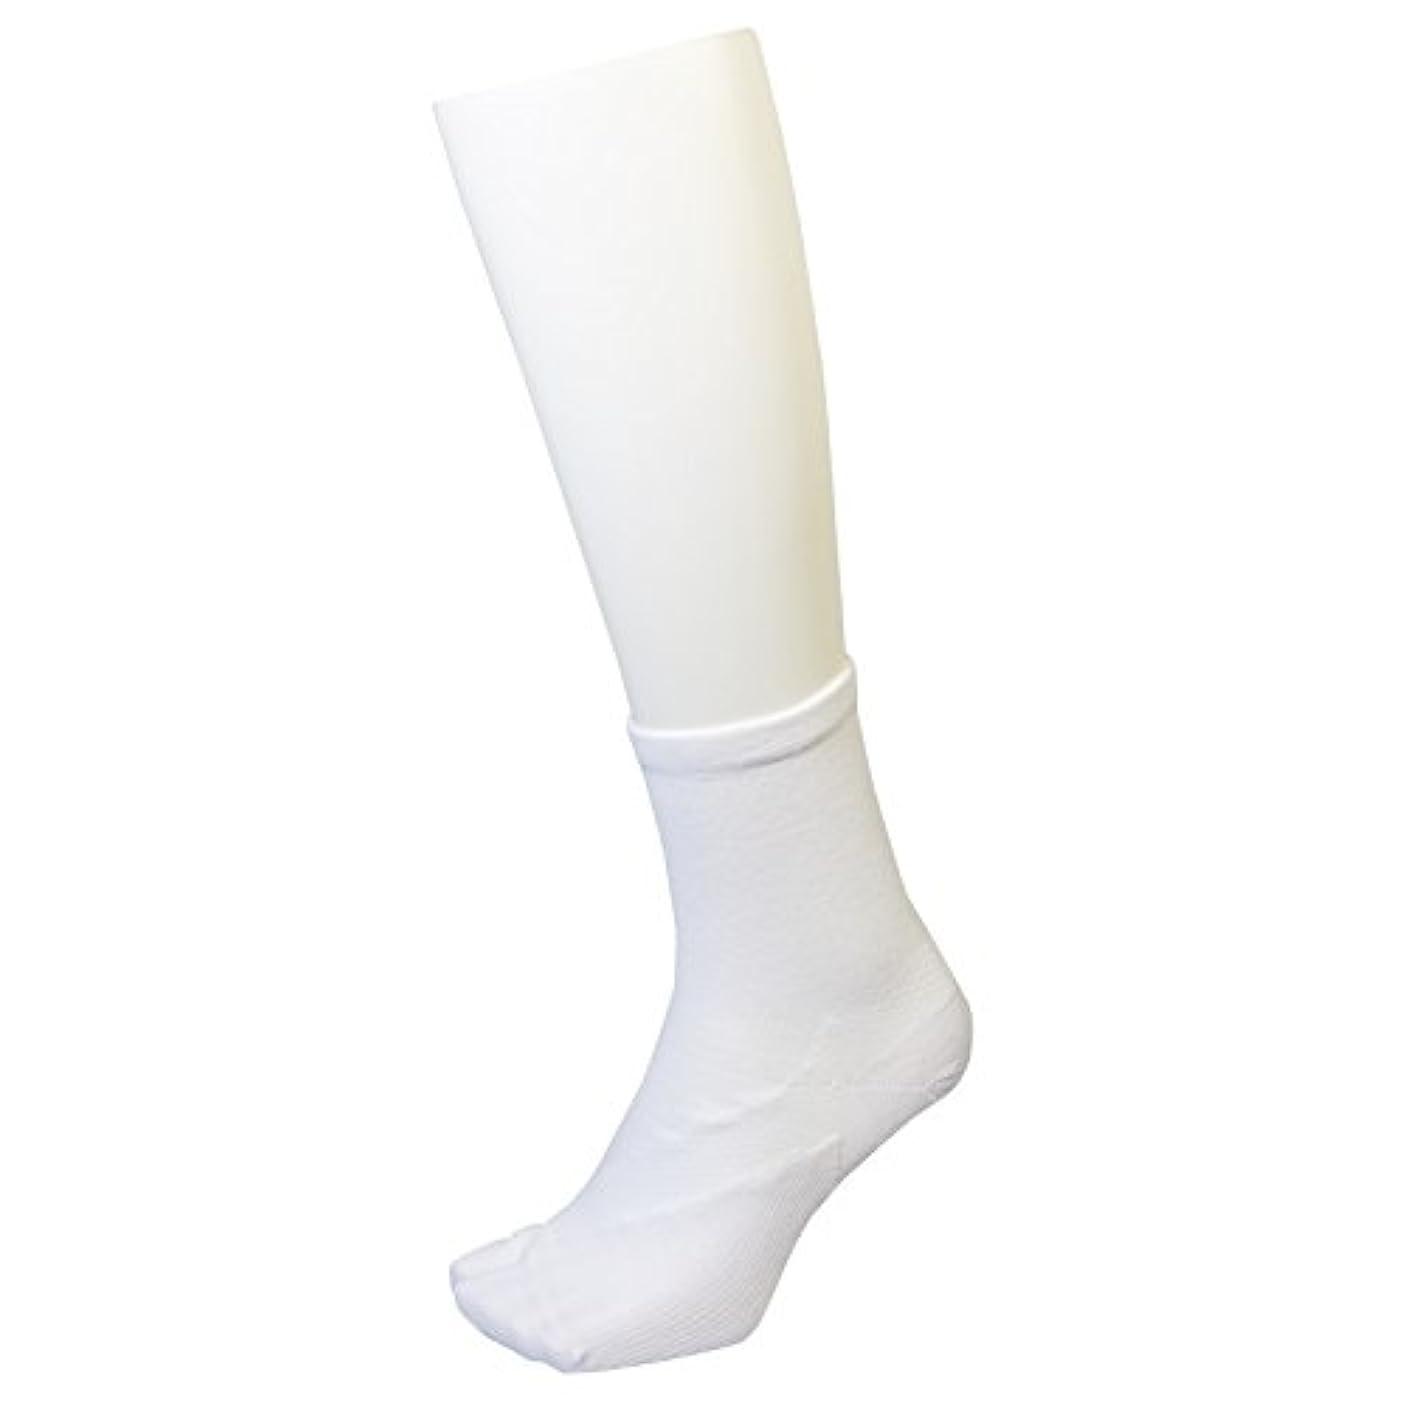 安定した計算するサロンさとう式 フレクサーソックス クルー 白 (L) 足袋型